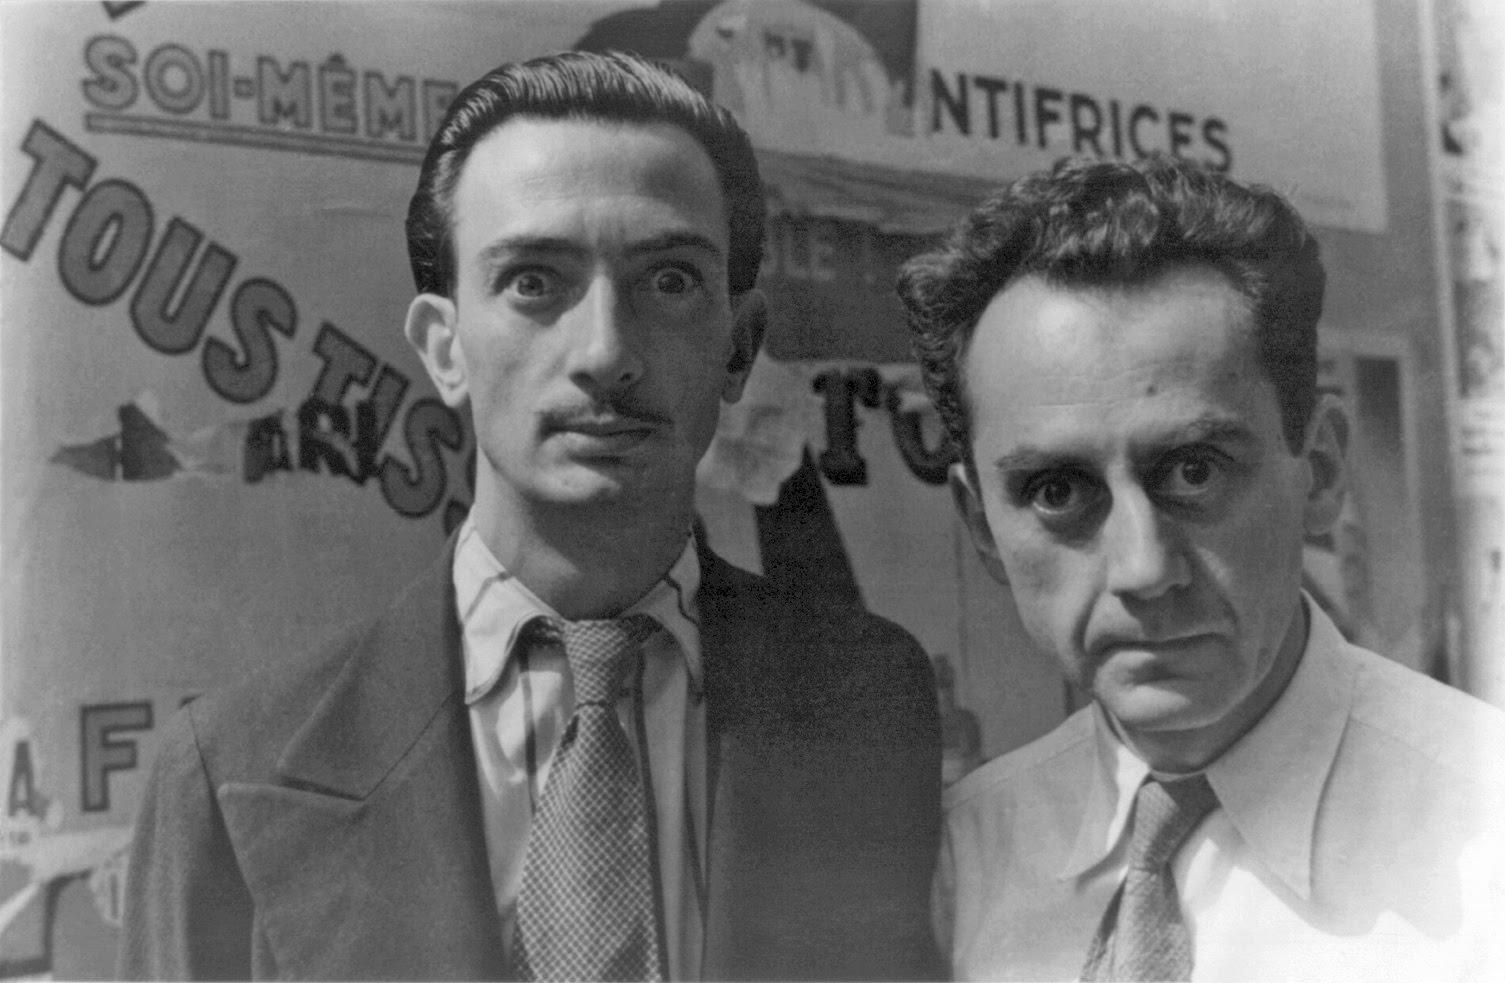 カール・ヴァン・ベクテンのサルバドール・ダリとマン・レイの肖像